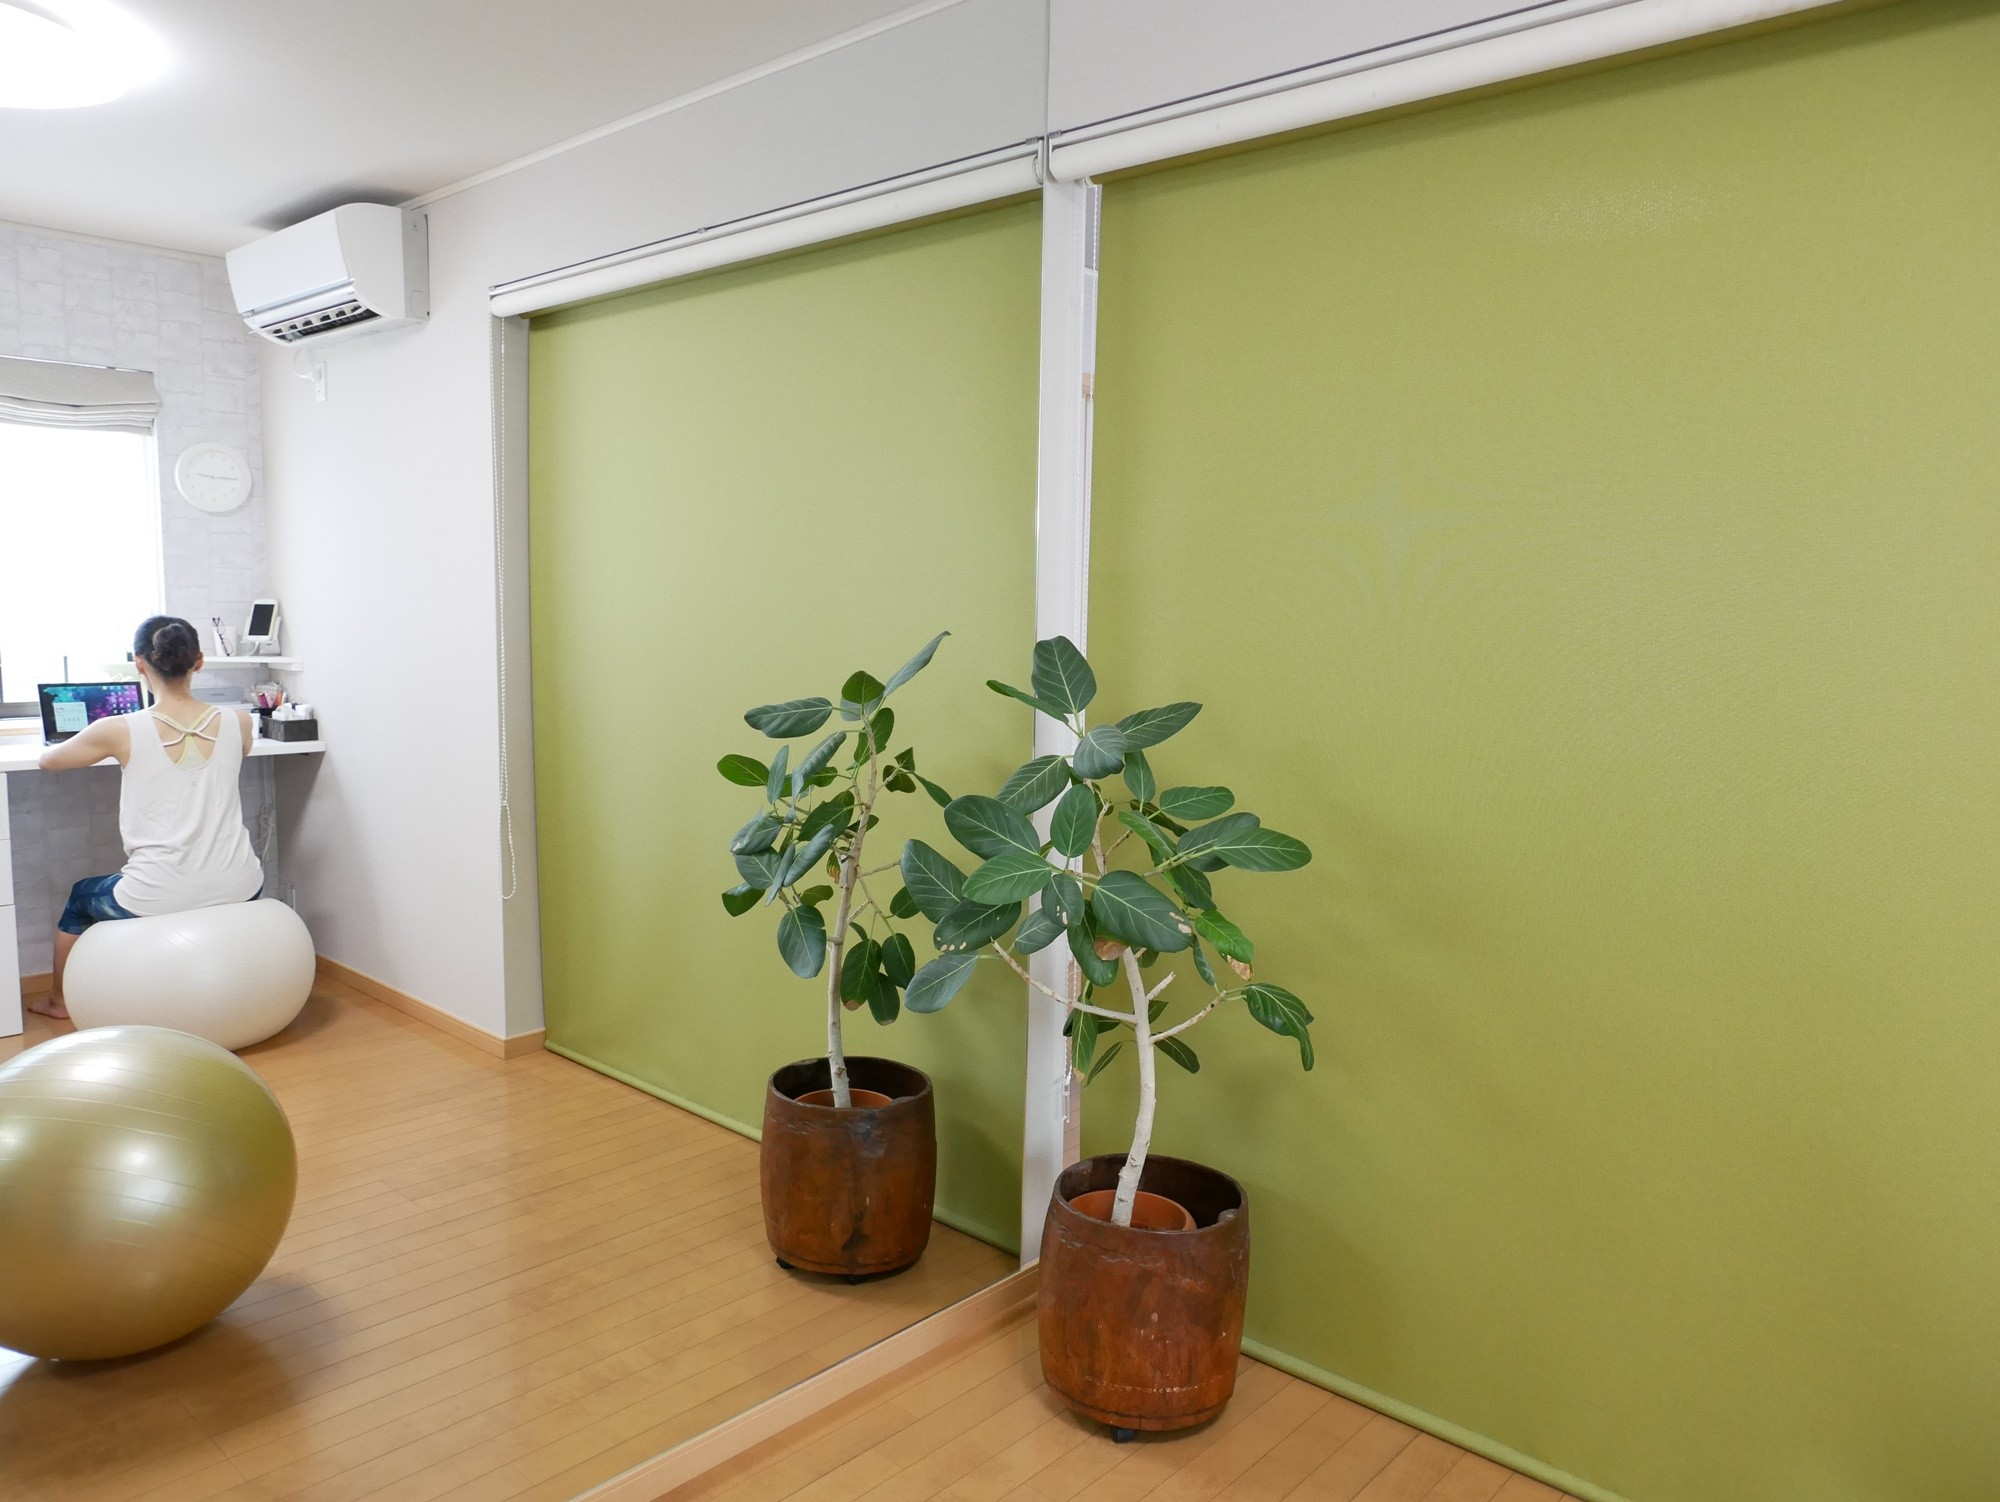 リビングダイニング事例:鏡があると部屋が広く感じます。(大きな鏡が2面、ヨガスタジオリフォーム)